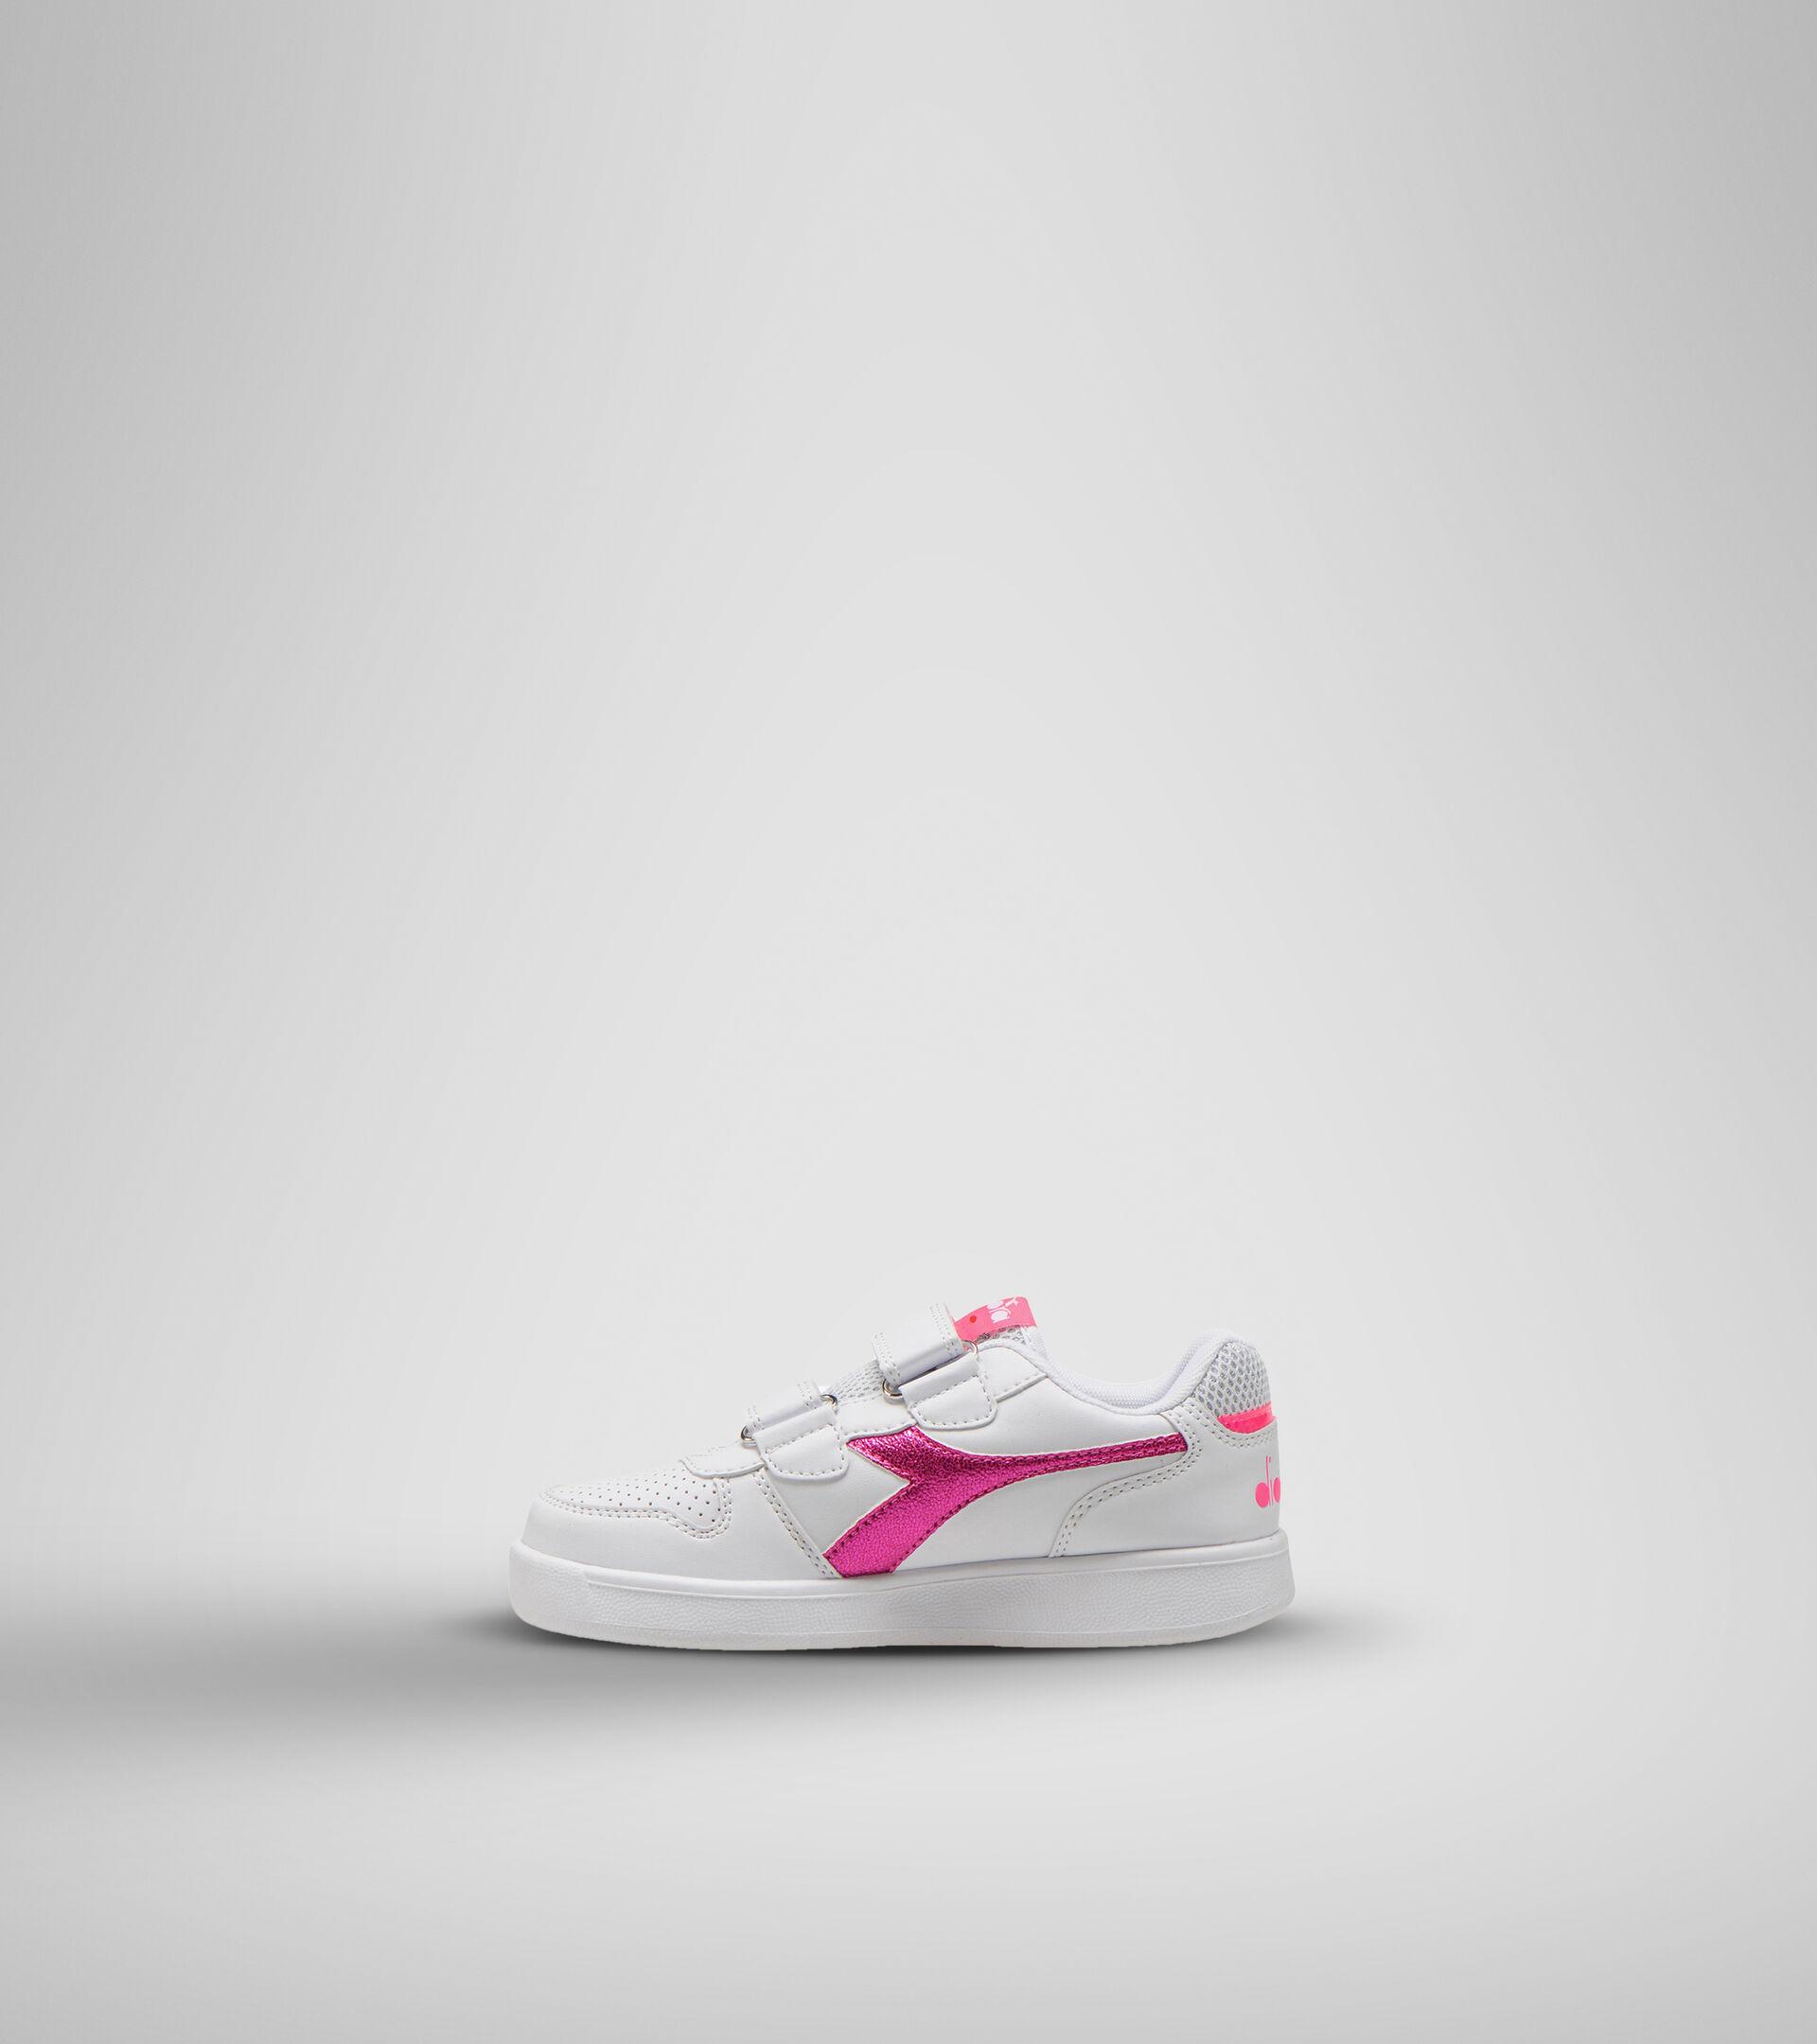 Footwear Sport BAMBINO PLAYGROUND PS GIRL BLANCO/ROSA FLUO Diadora